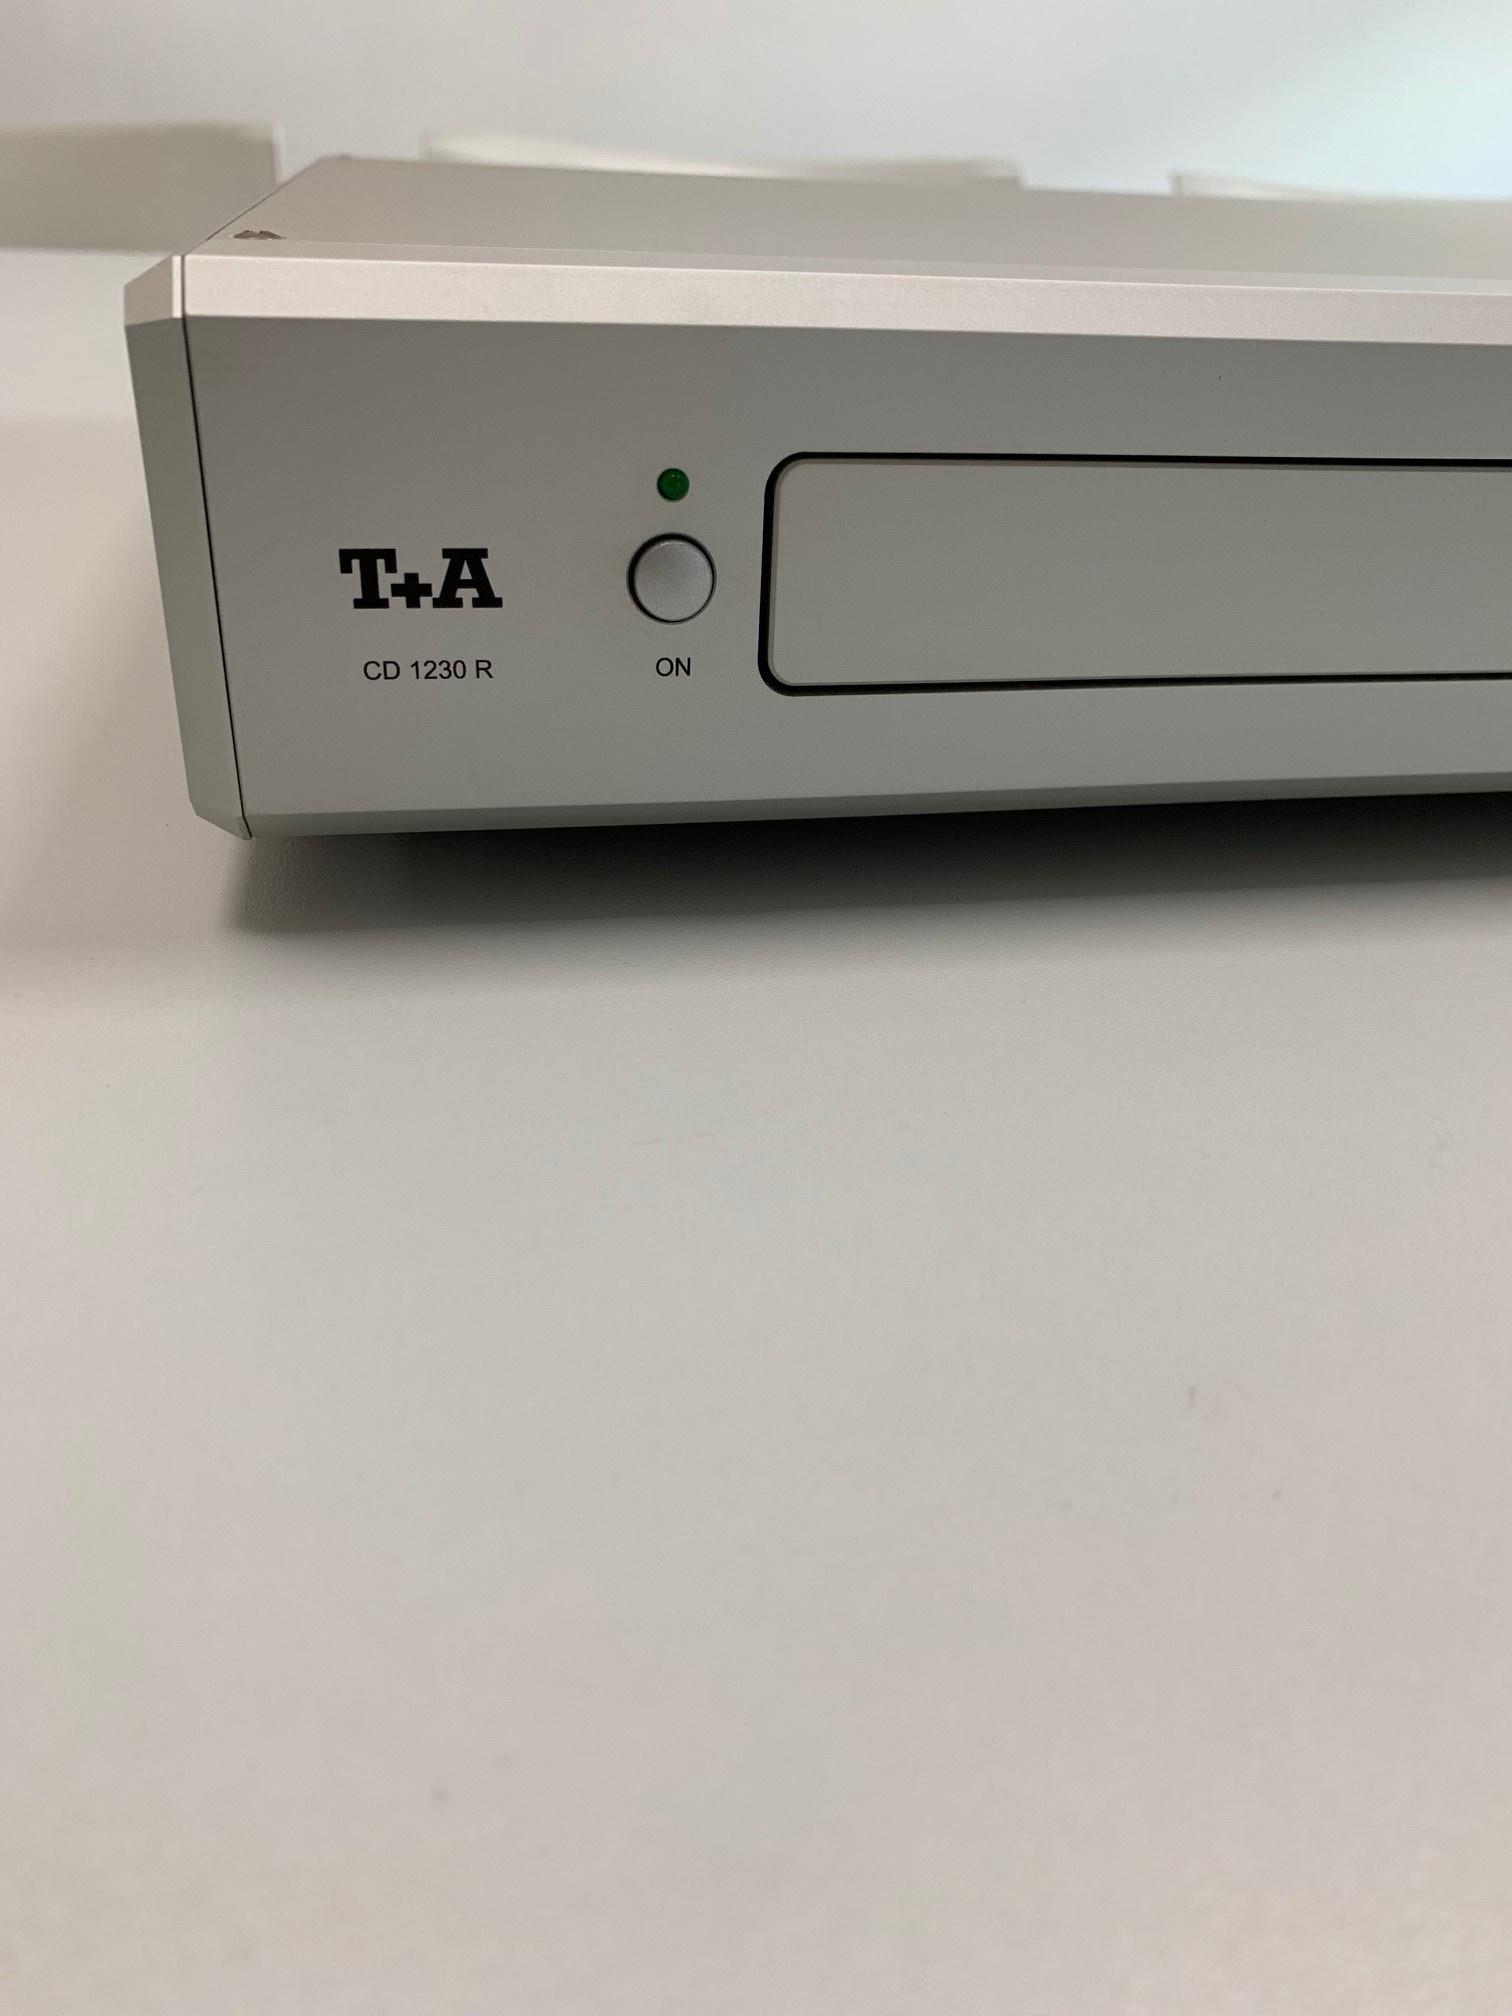 T+A CD 1230 R